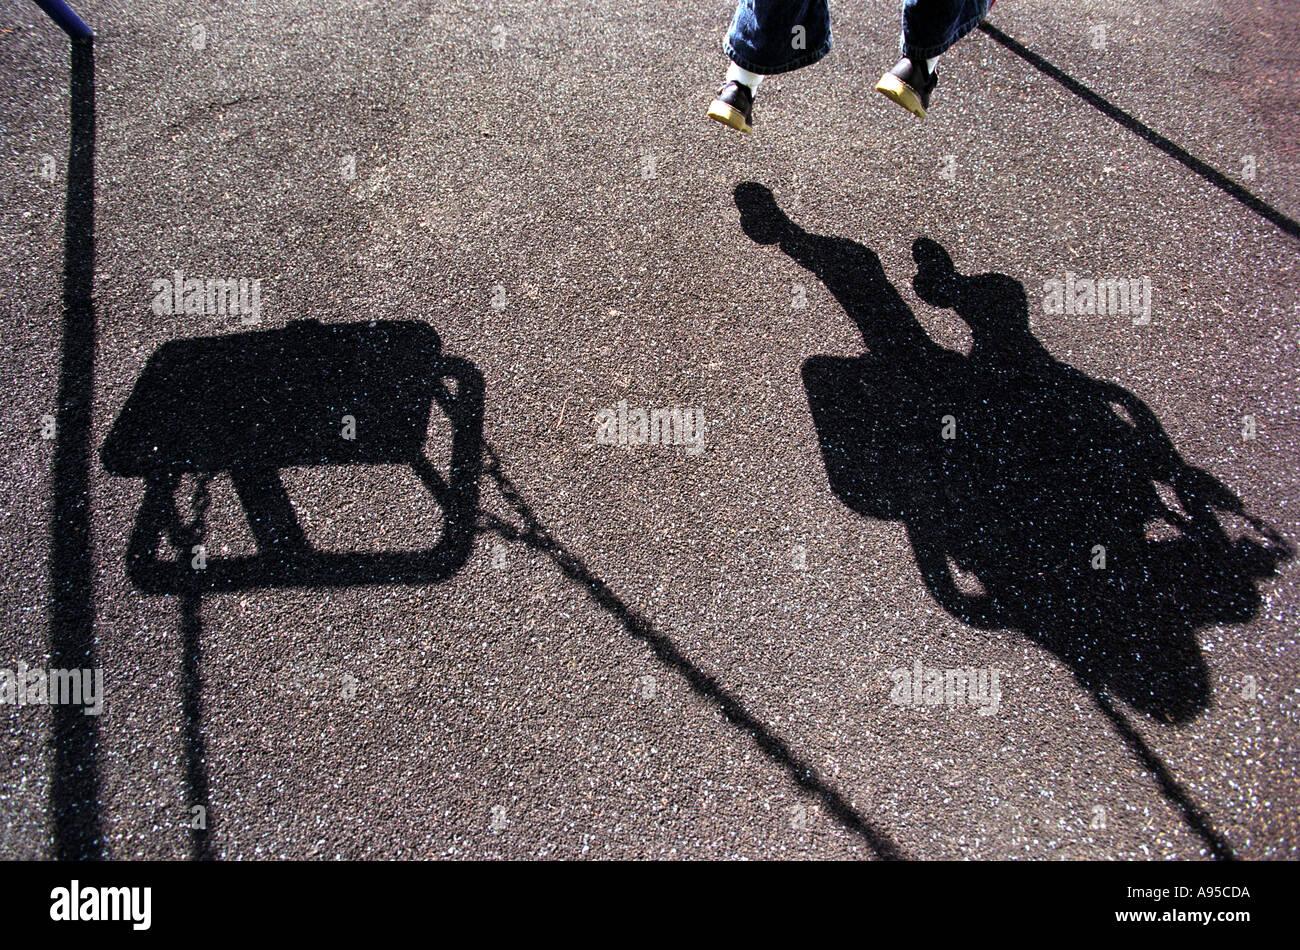 La sombra de una niña o niño jugando en un columpio Imagen De Stock